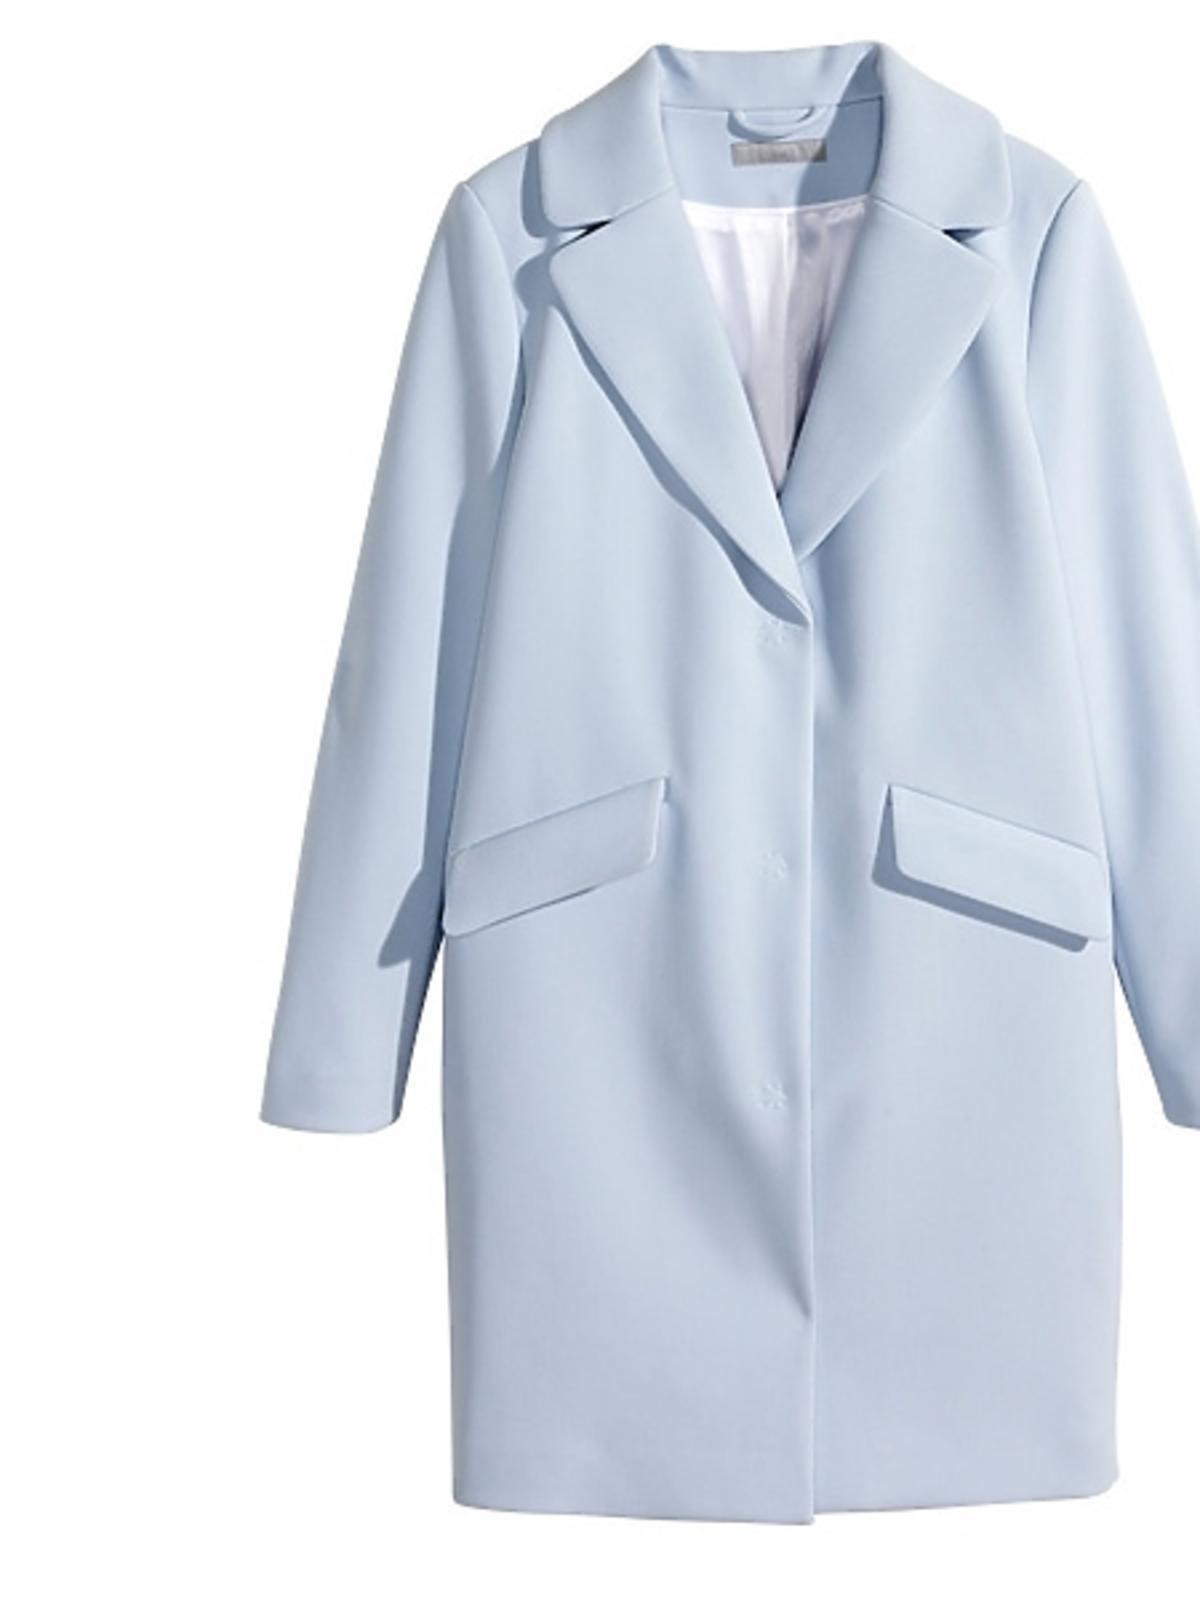 Niebieski płaszcz H&M, cena